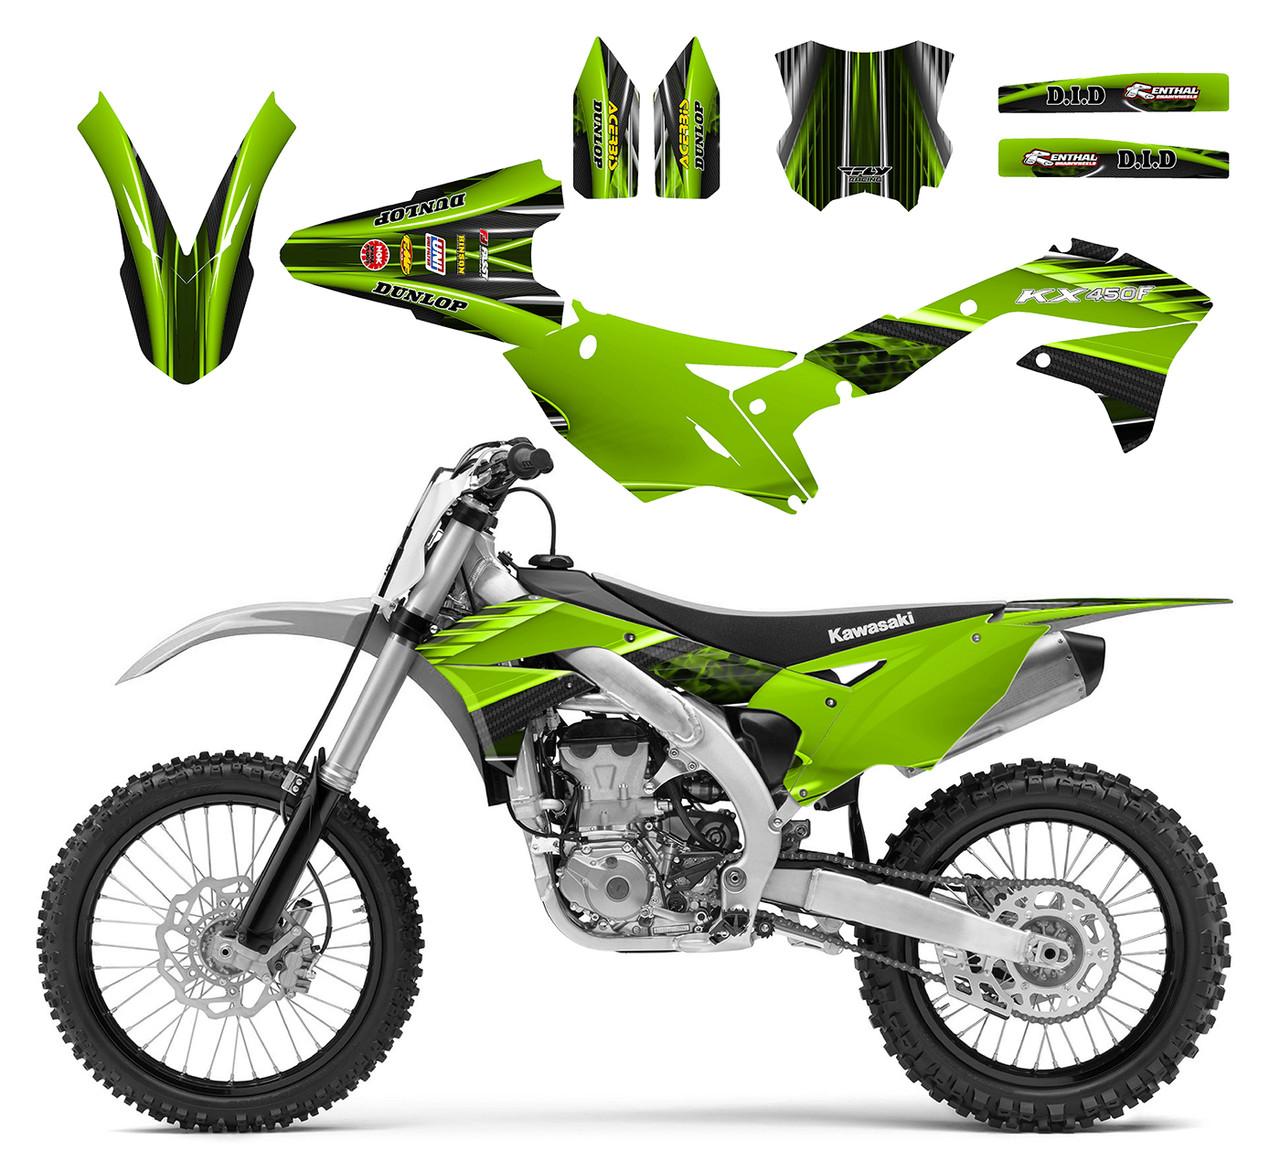 KX 450F 2016 -2018 Design 3333